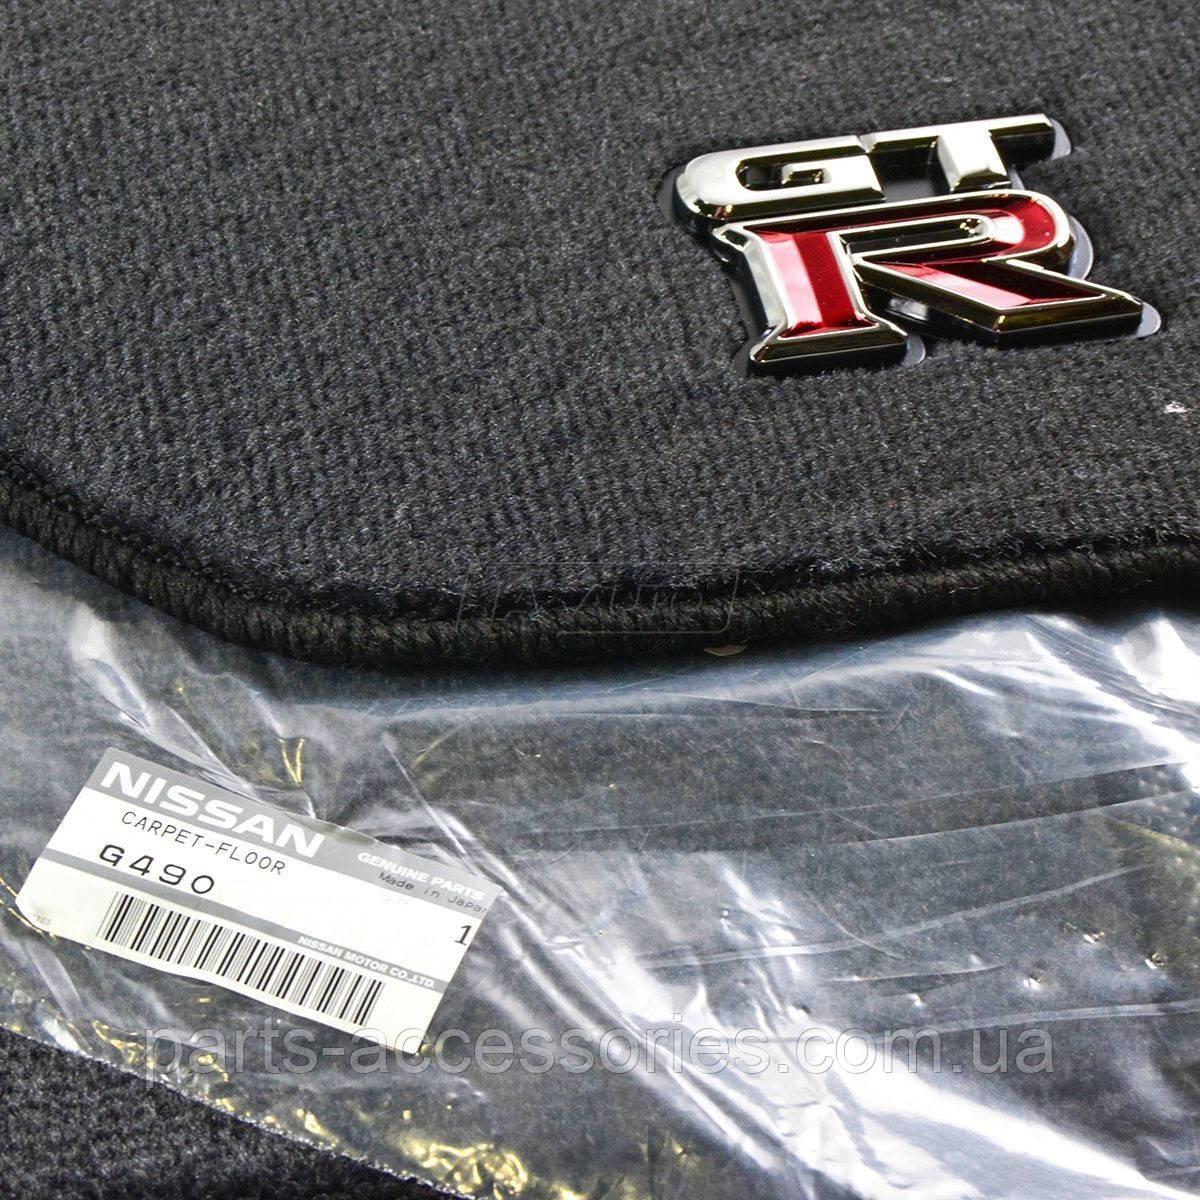 Nissan GTR GT-R 2009-15 велюрові килимки передні задні нові оригінальні